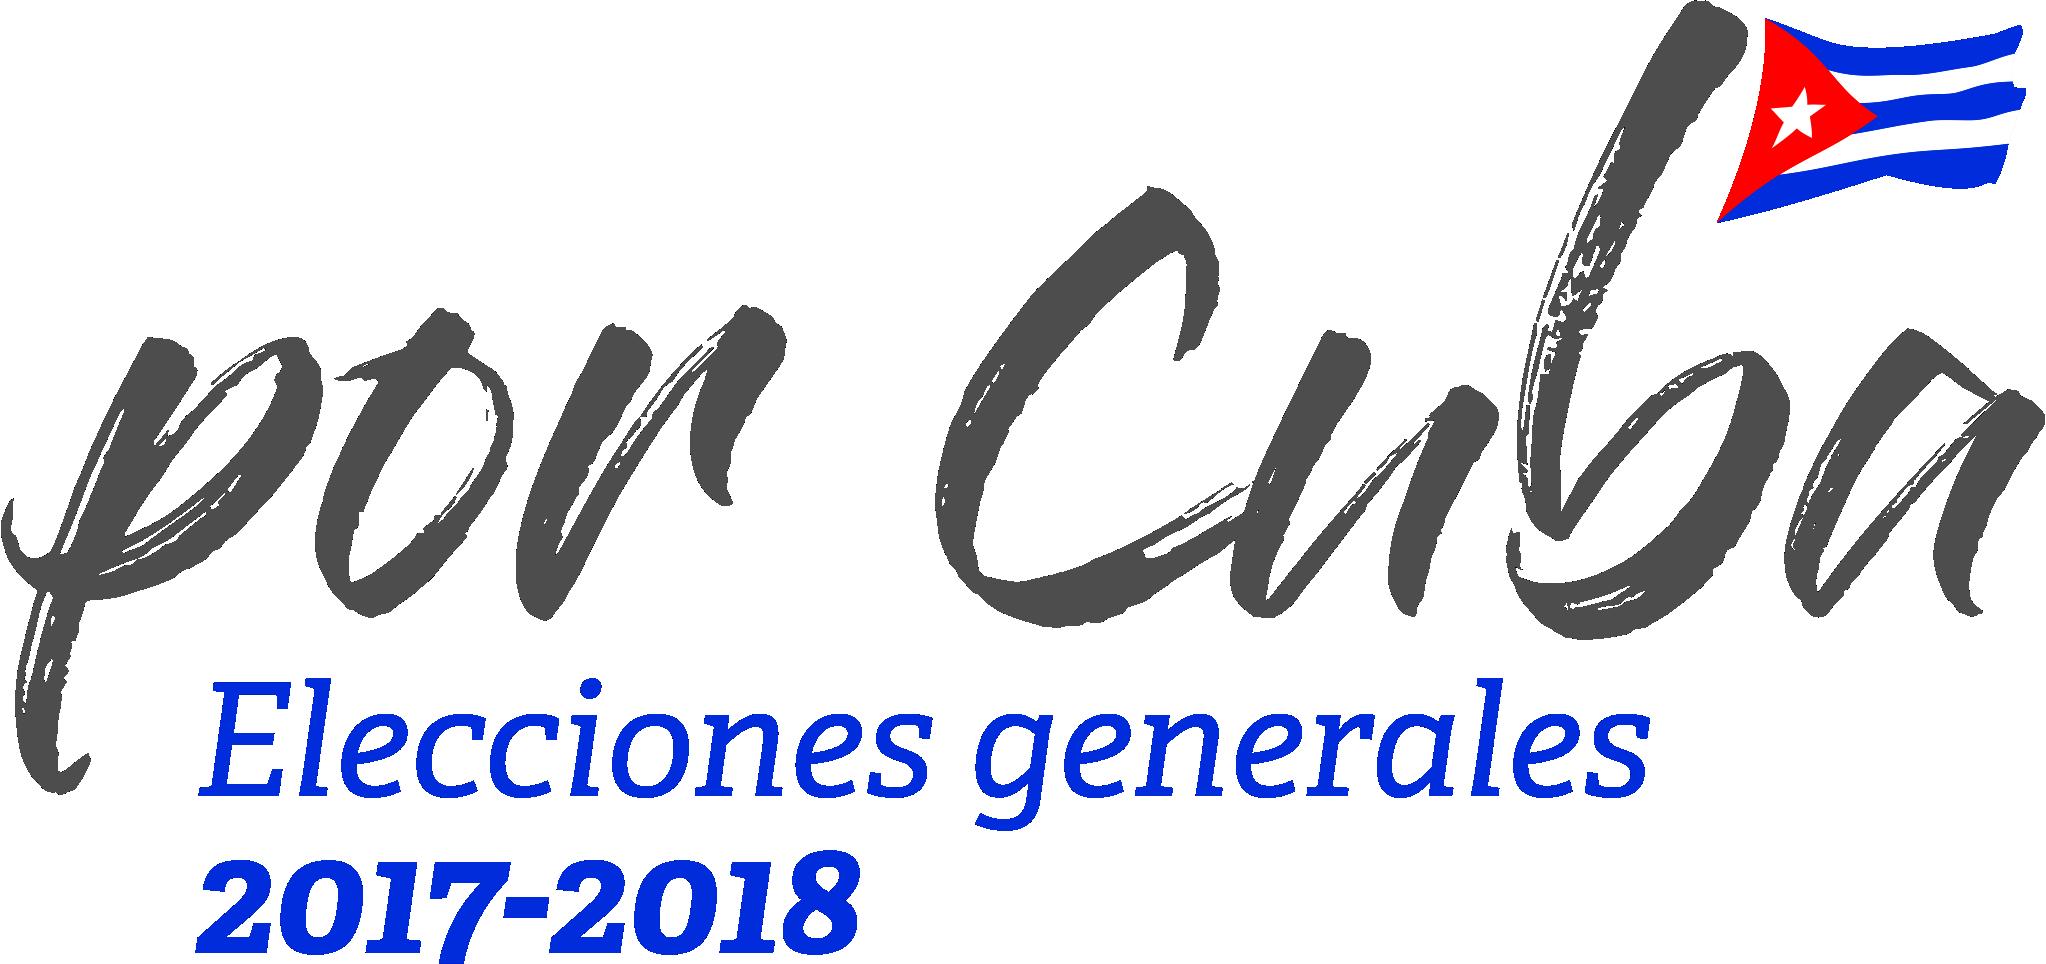 Elecciones Generales en Cuba 2017-2018